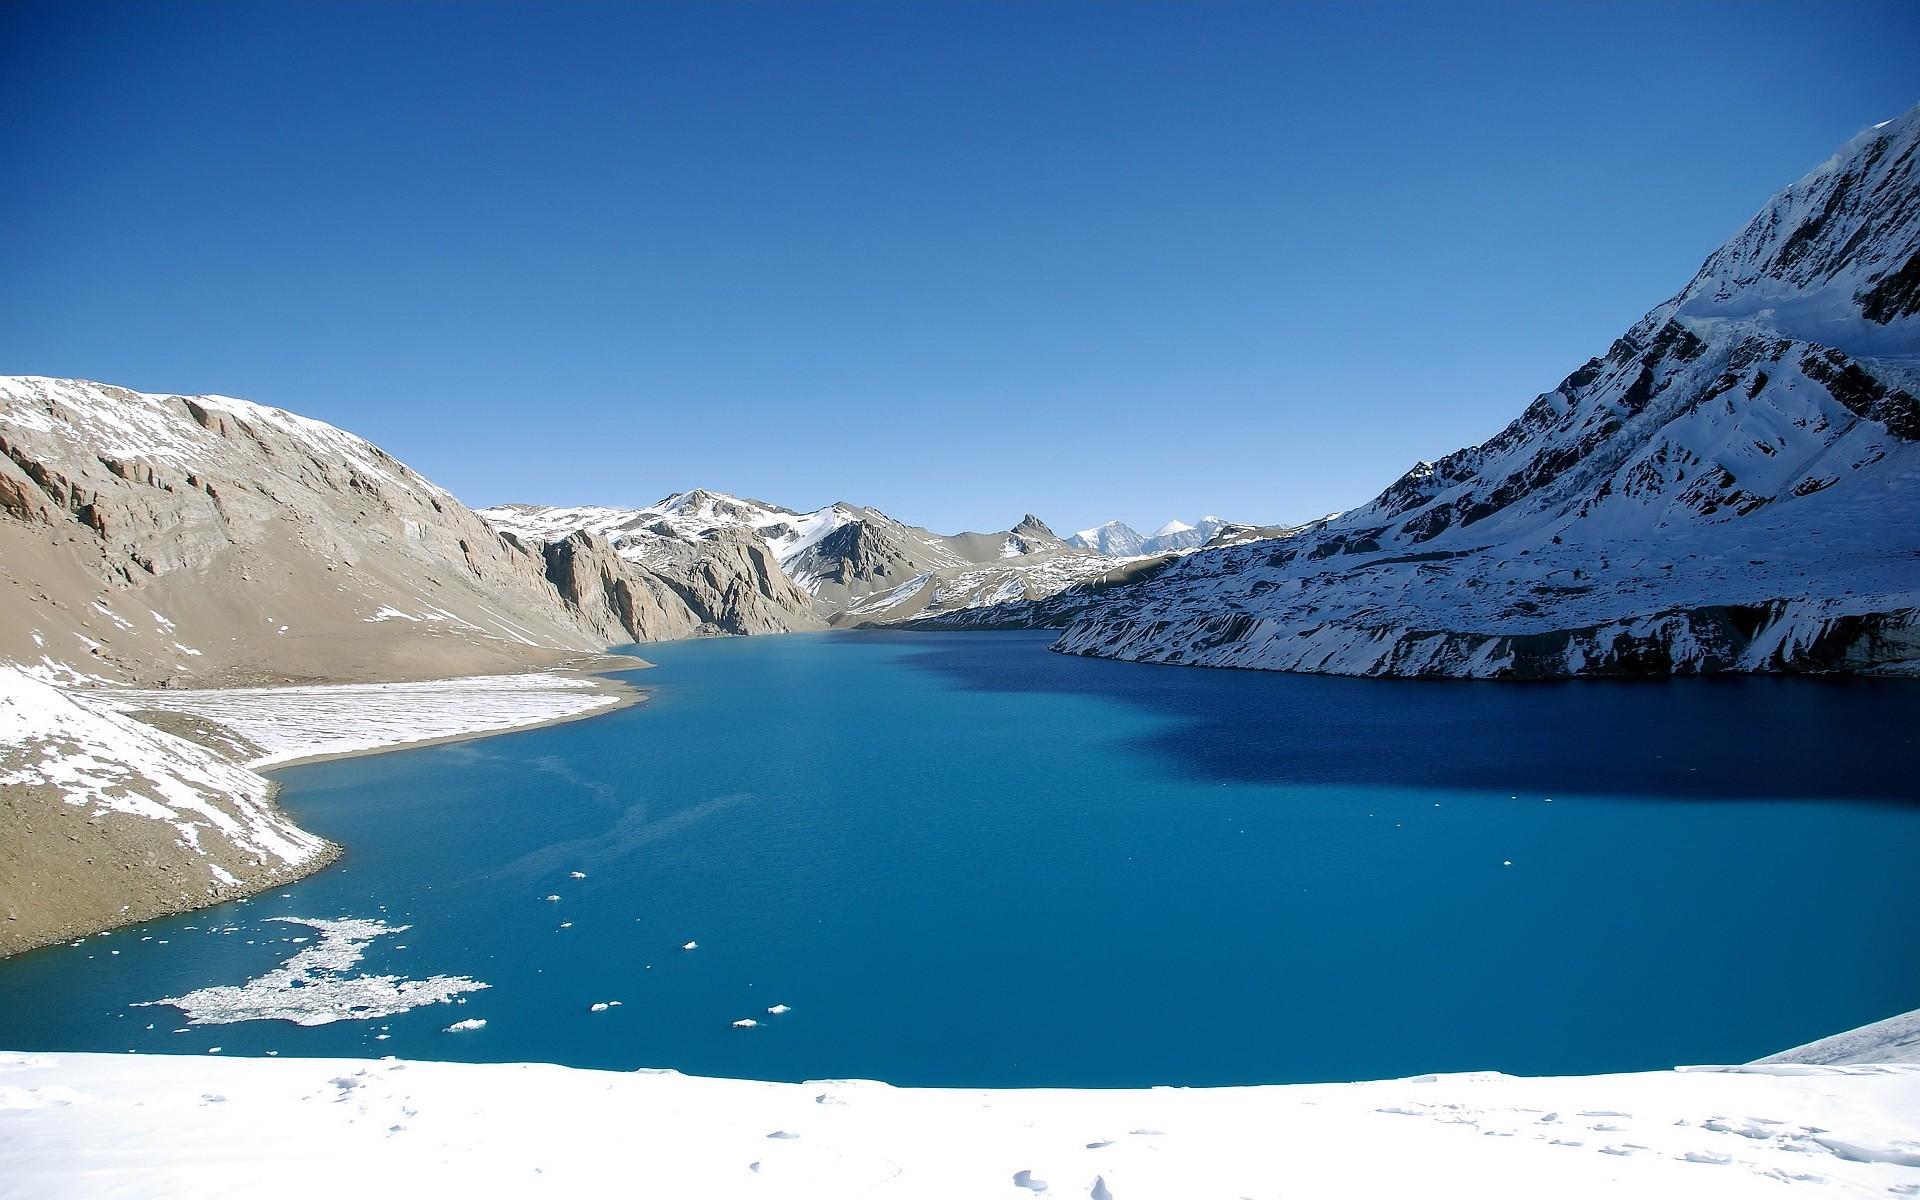 озеро горы снег  № 2476697 загрузить